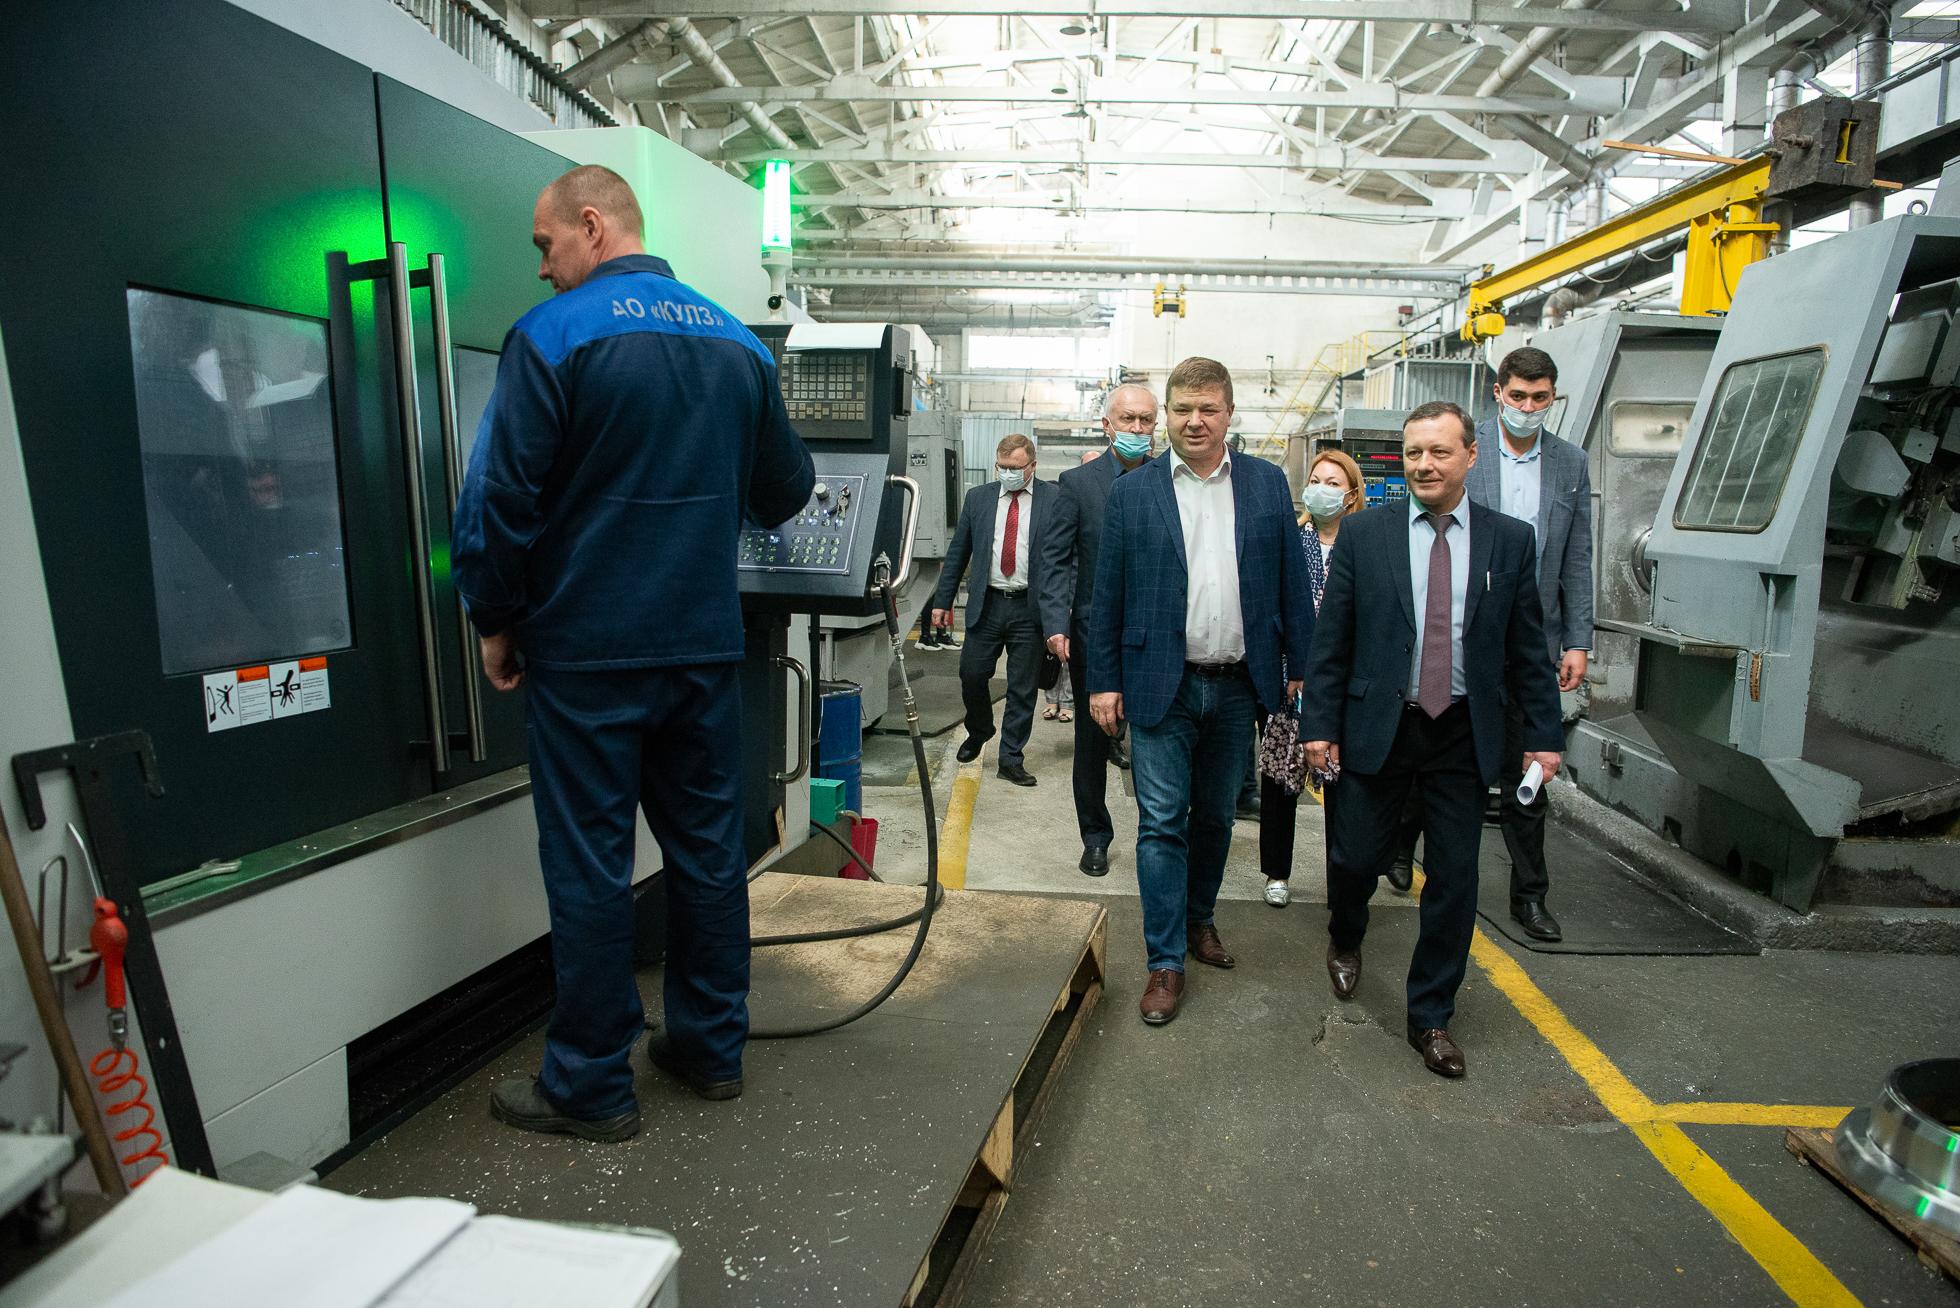 Все результаты проекта гости смогли оценить во время экскурсии по заводу при осмотре пилотного потока и эталонного рабочего места